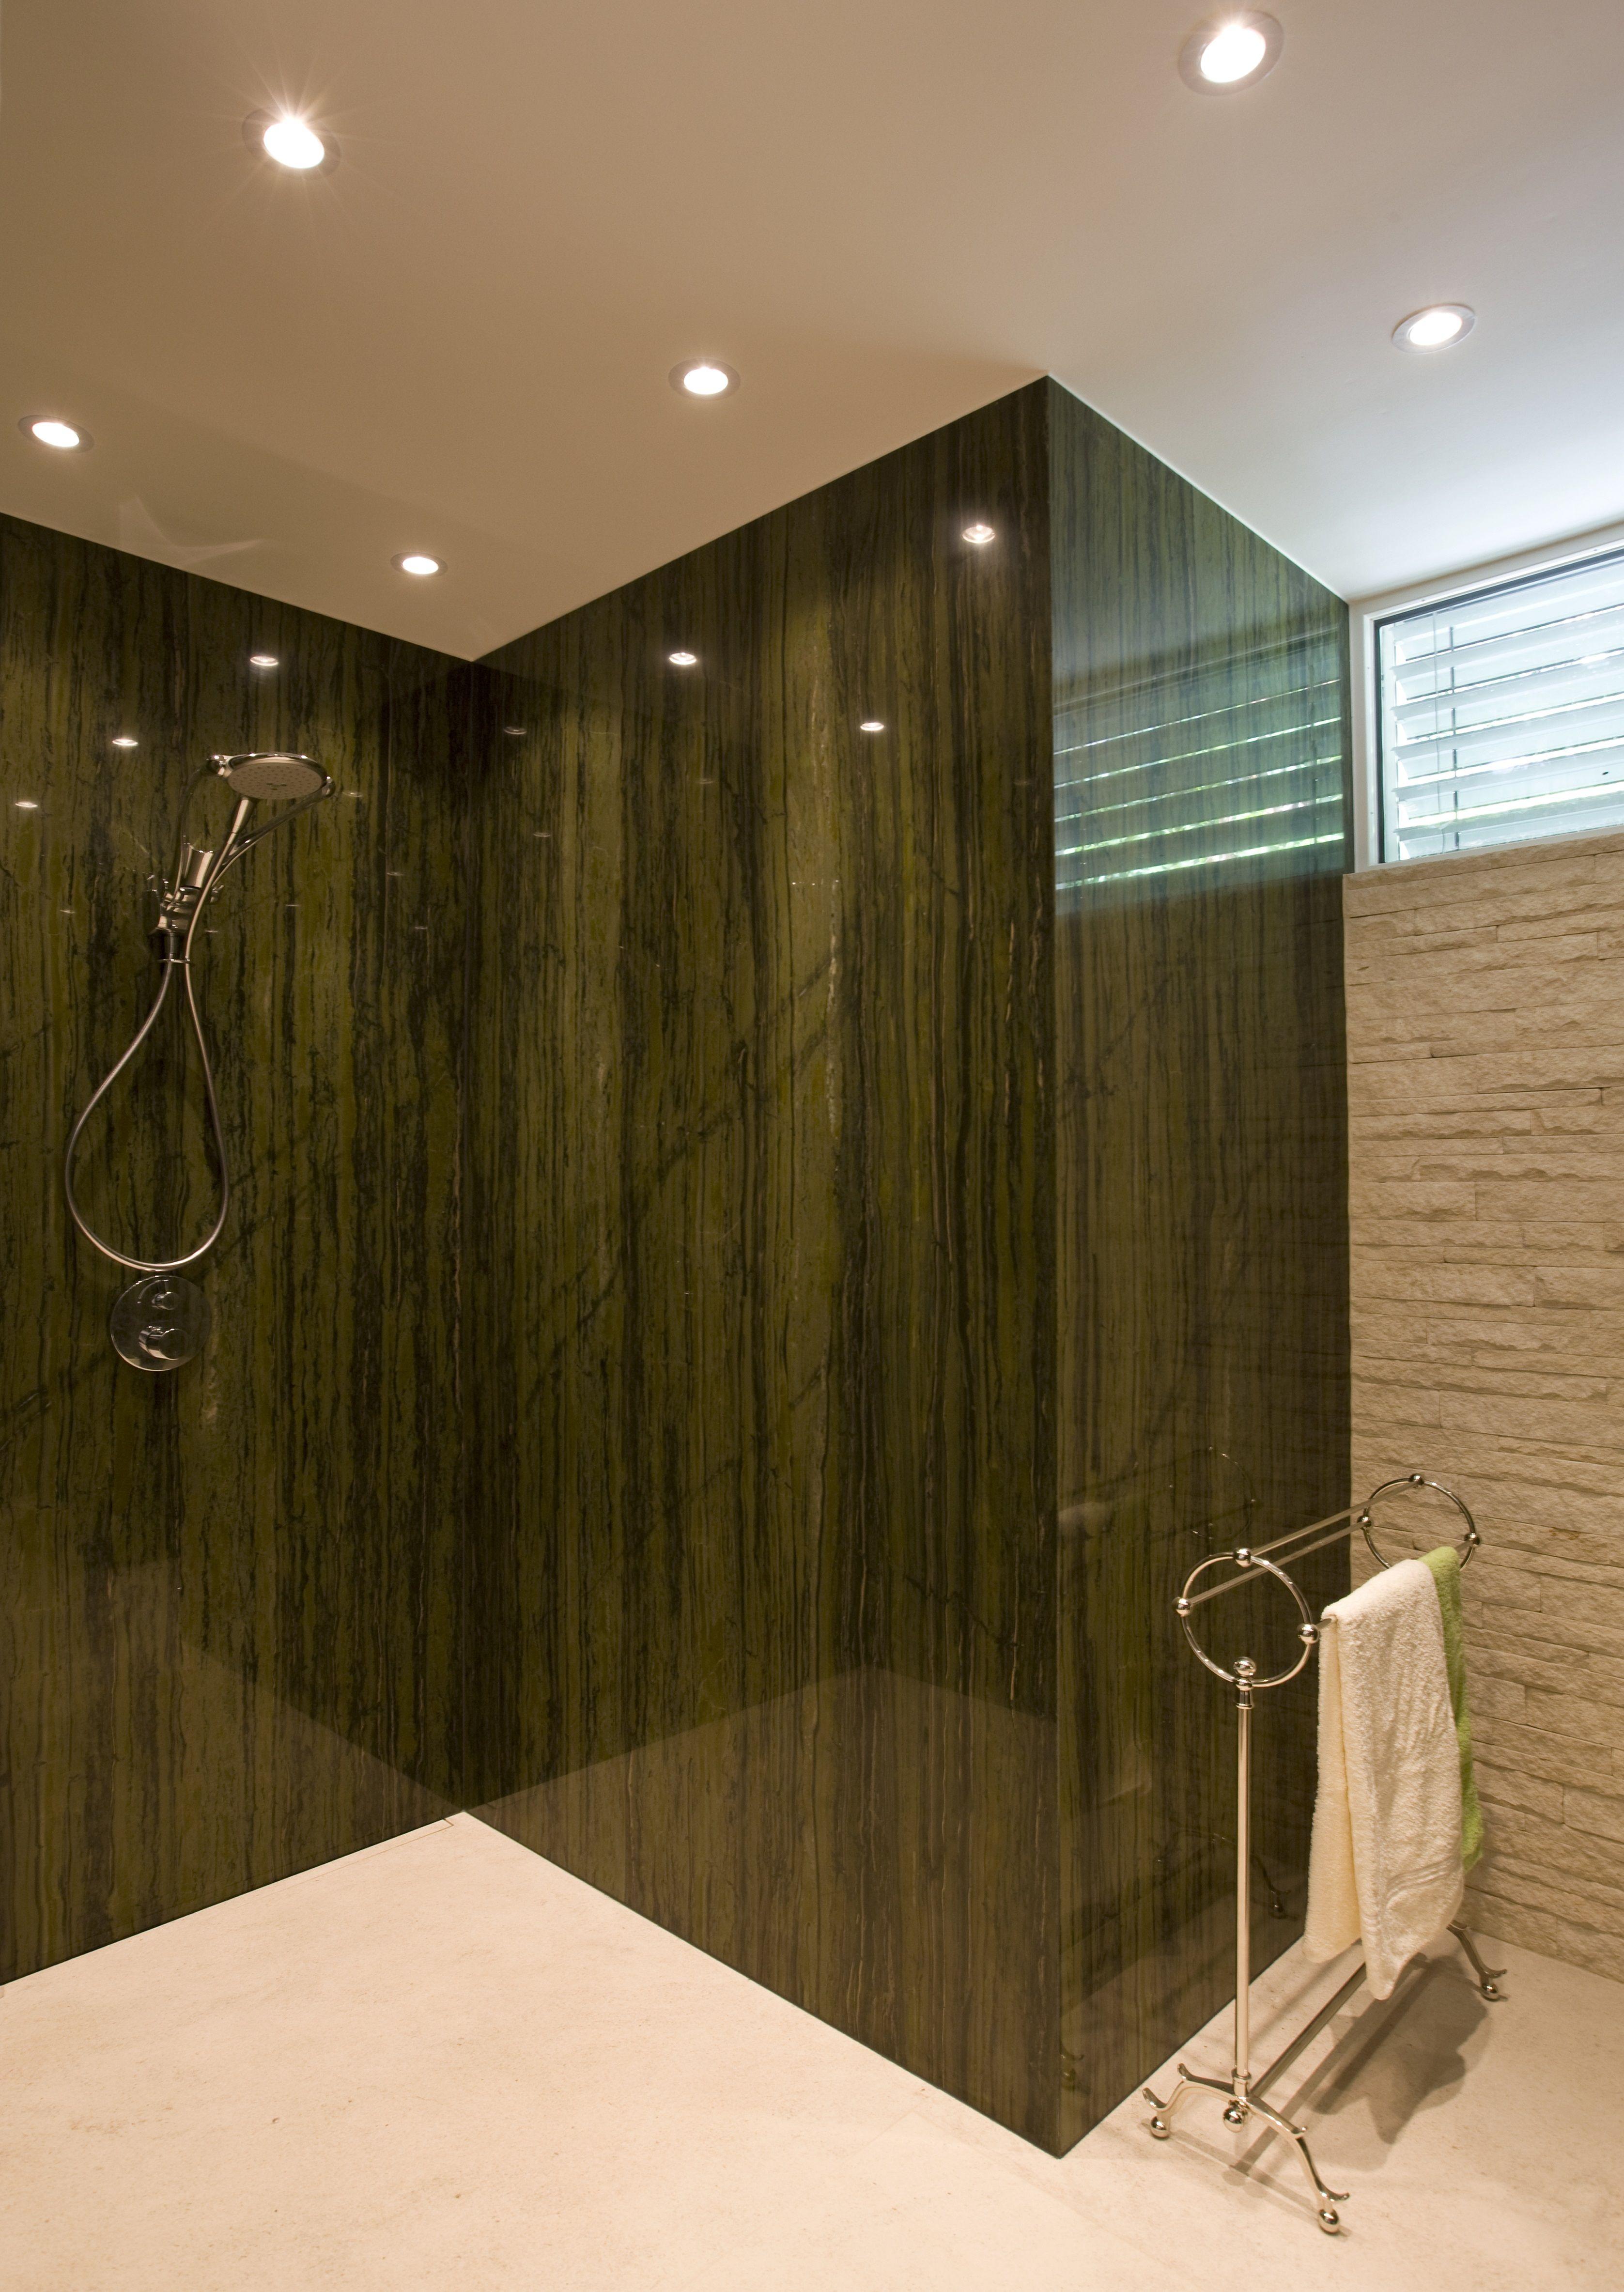 Begehbare Dusche mit raumhohen Natursteinwänden aus